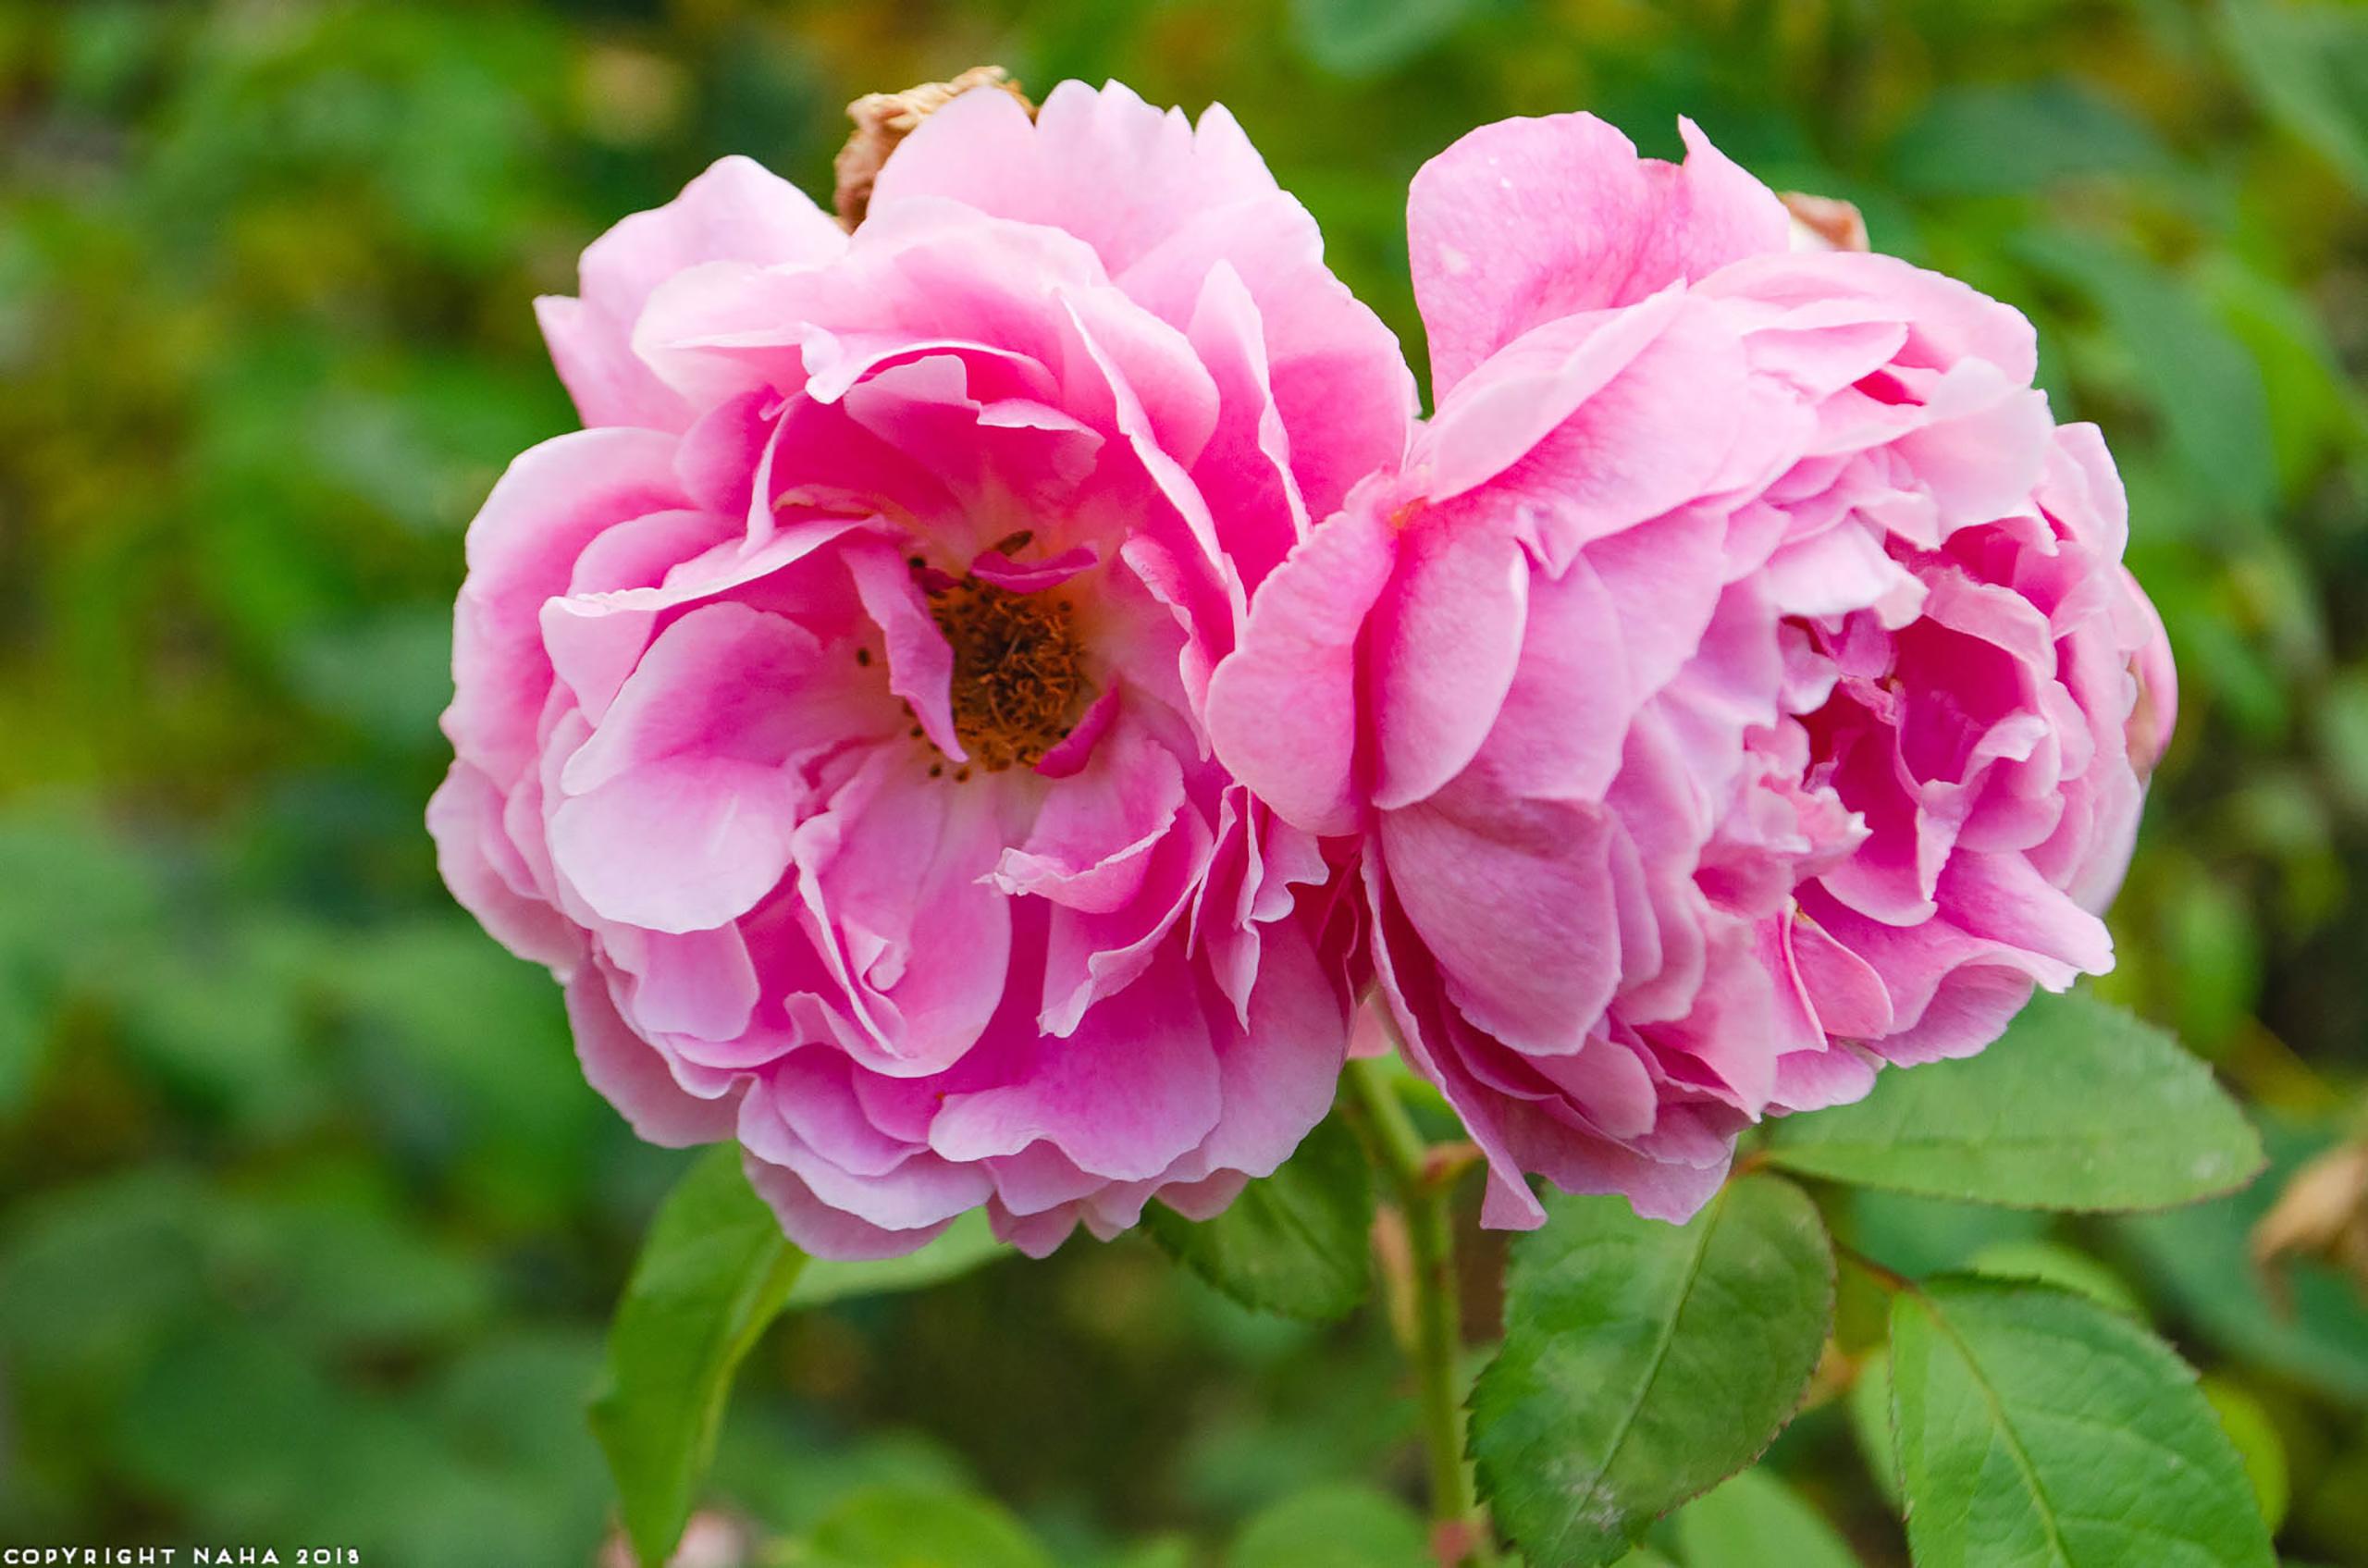 Rose (Rosa spp.)